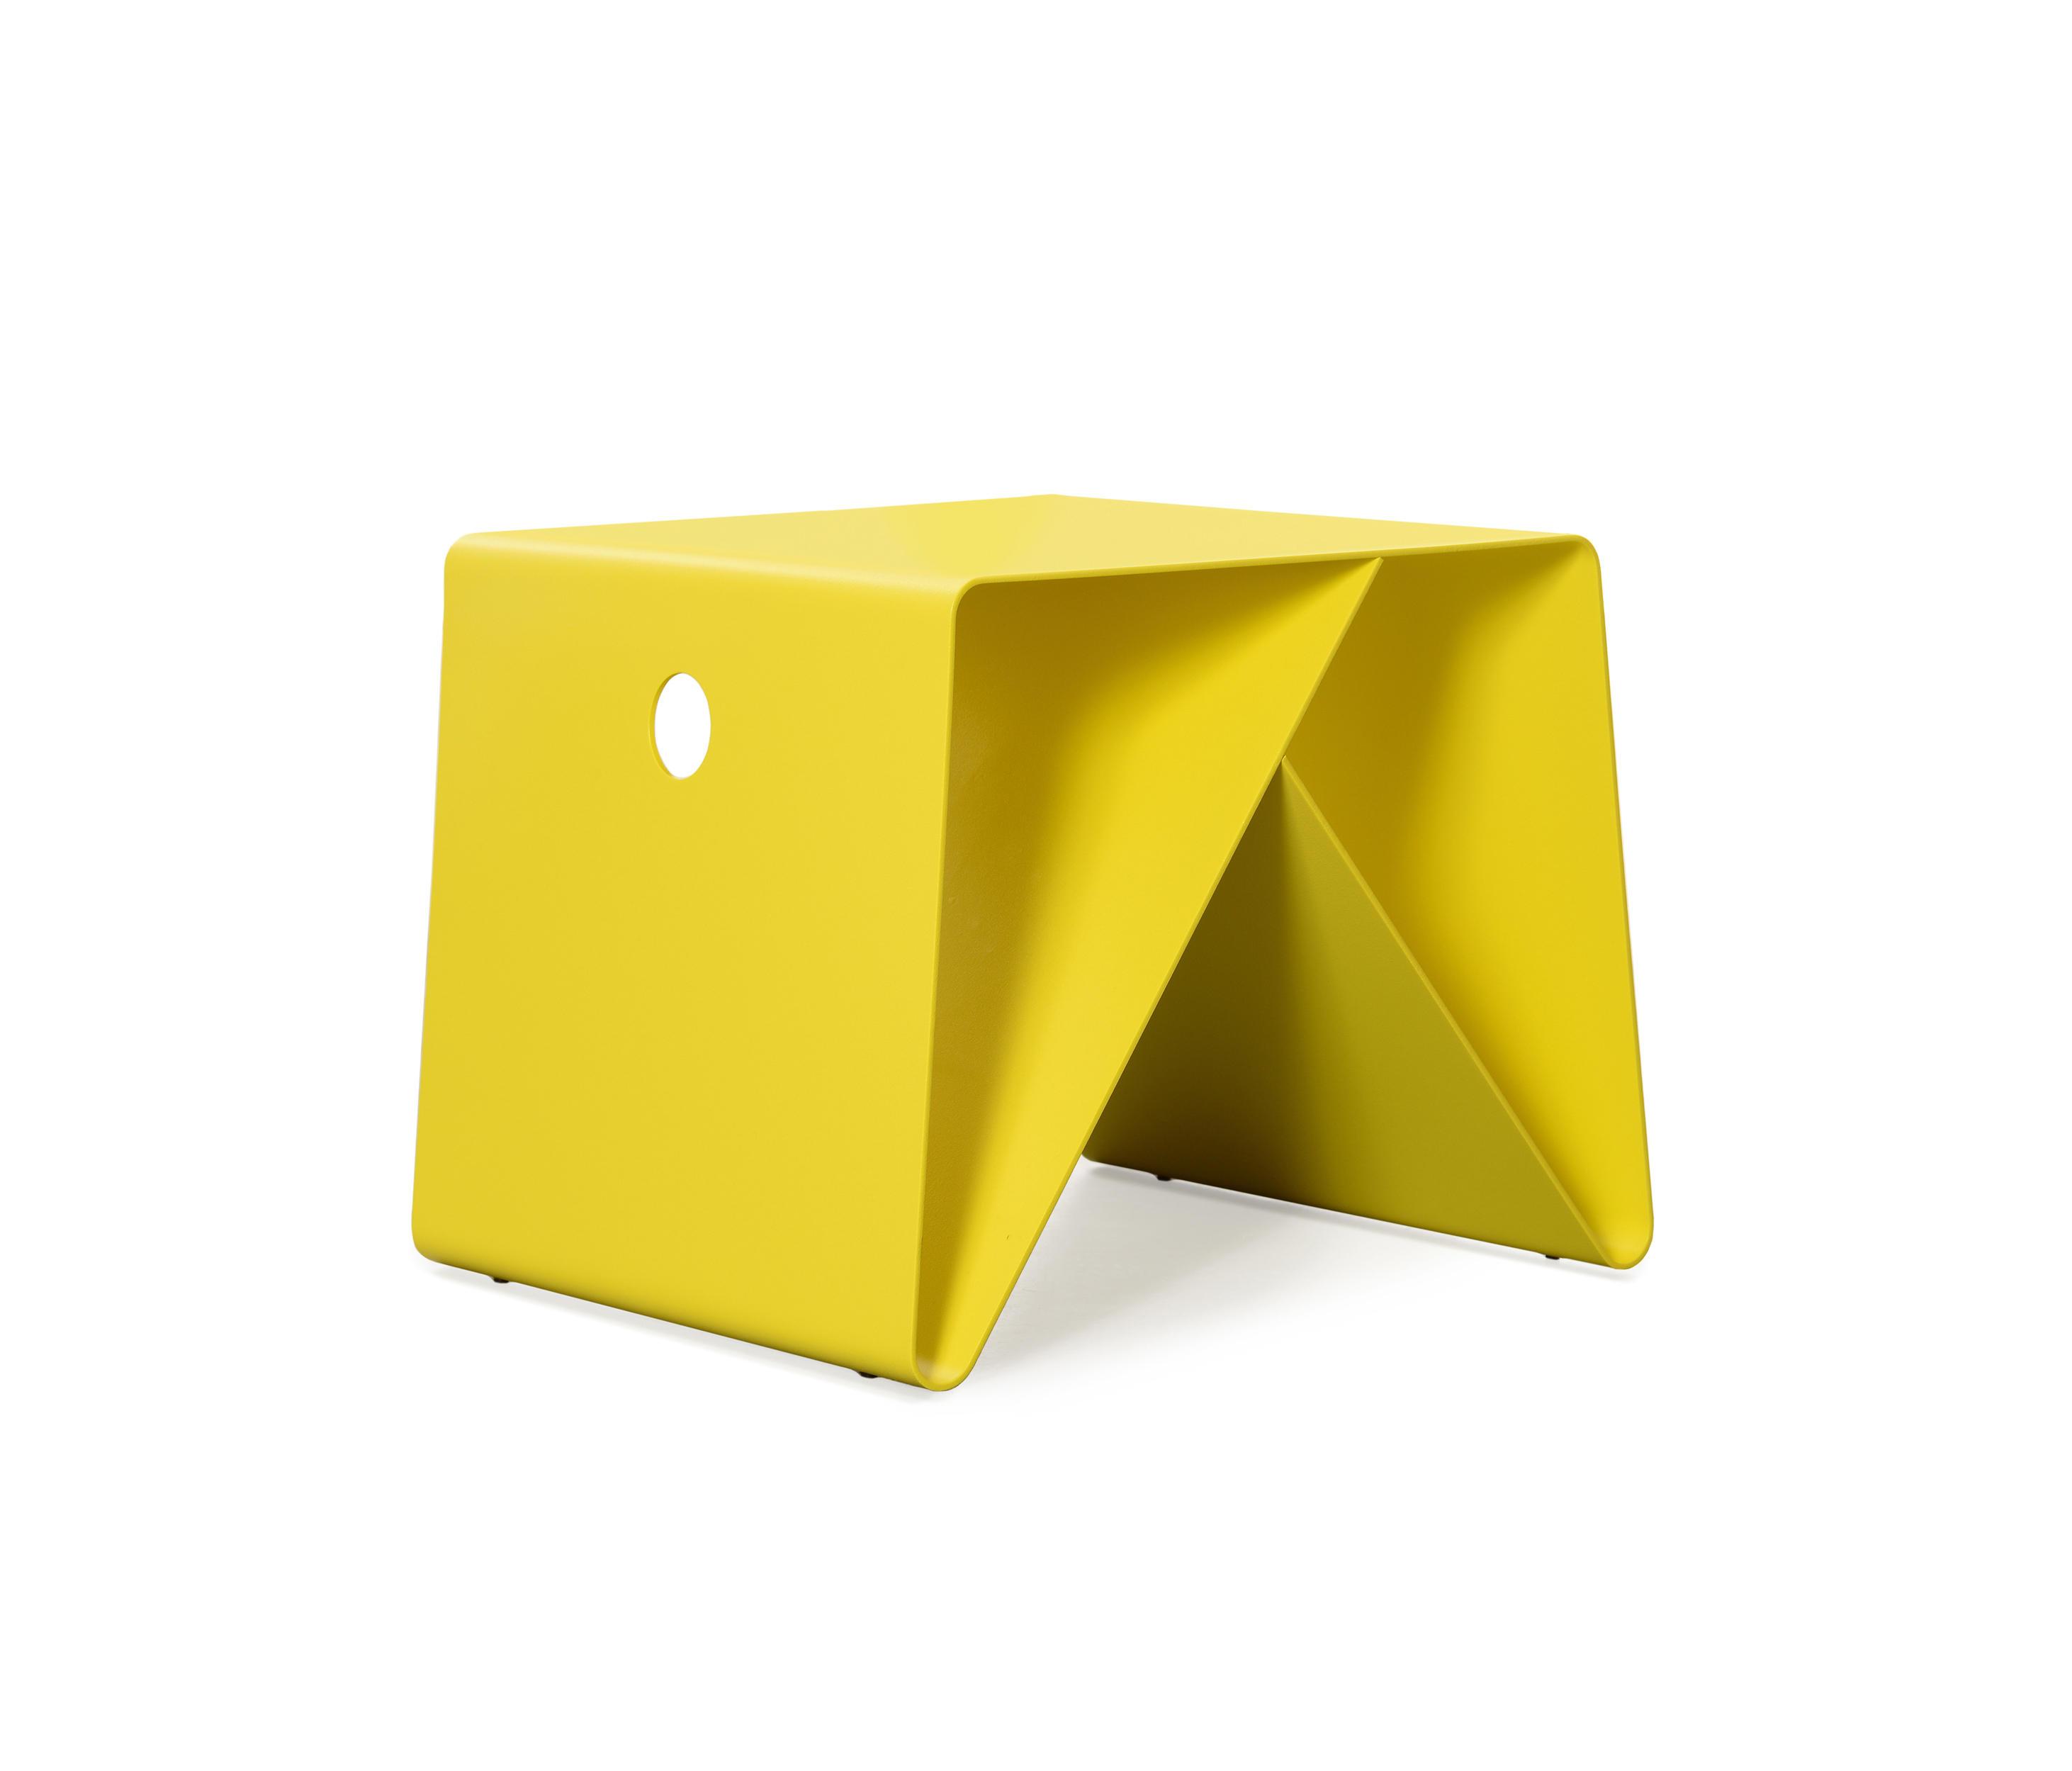 bt4 beistelltisch zeitungsst nder zeitschriftenablagen. Black Bedroom Furniture Sets. Home Design Ideas